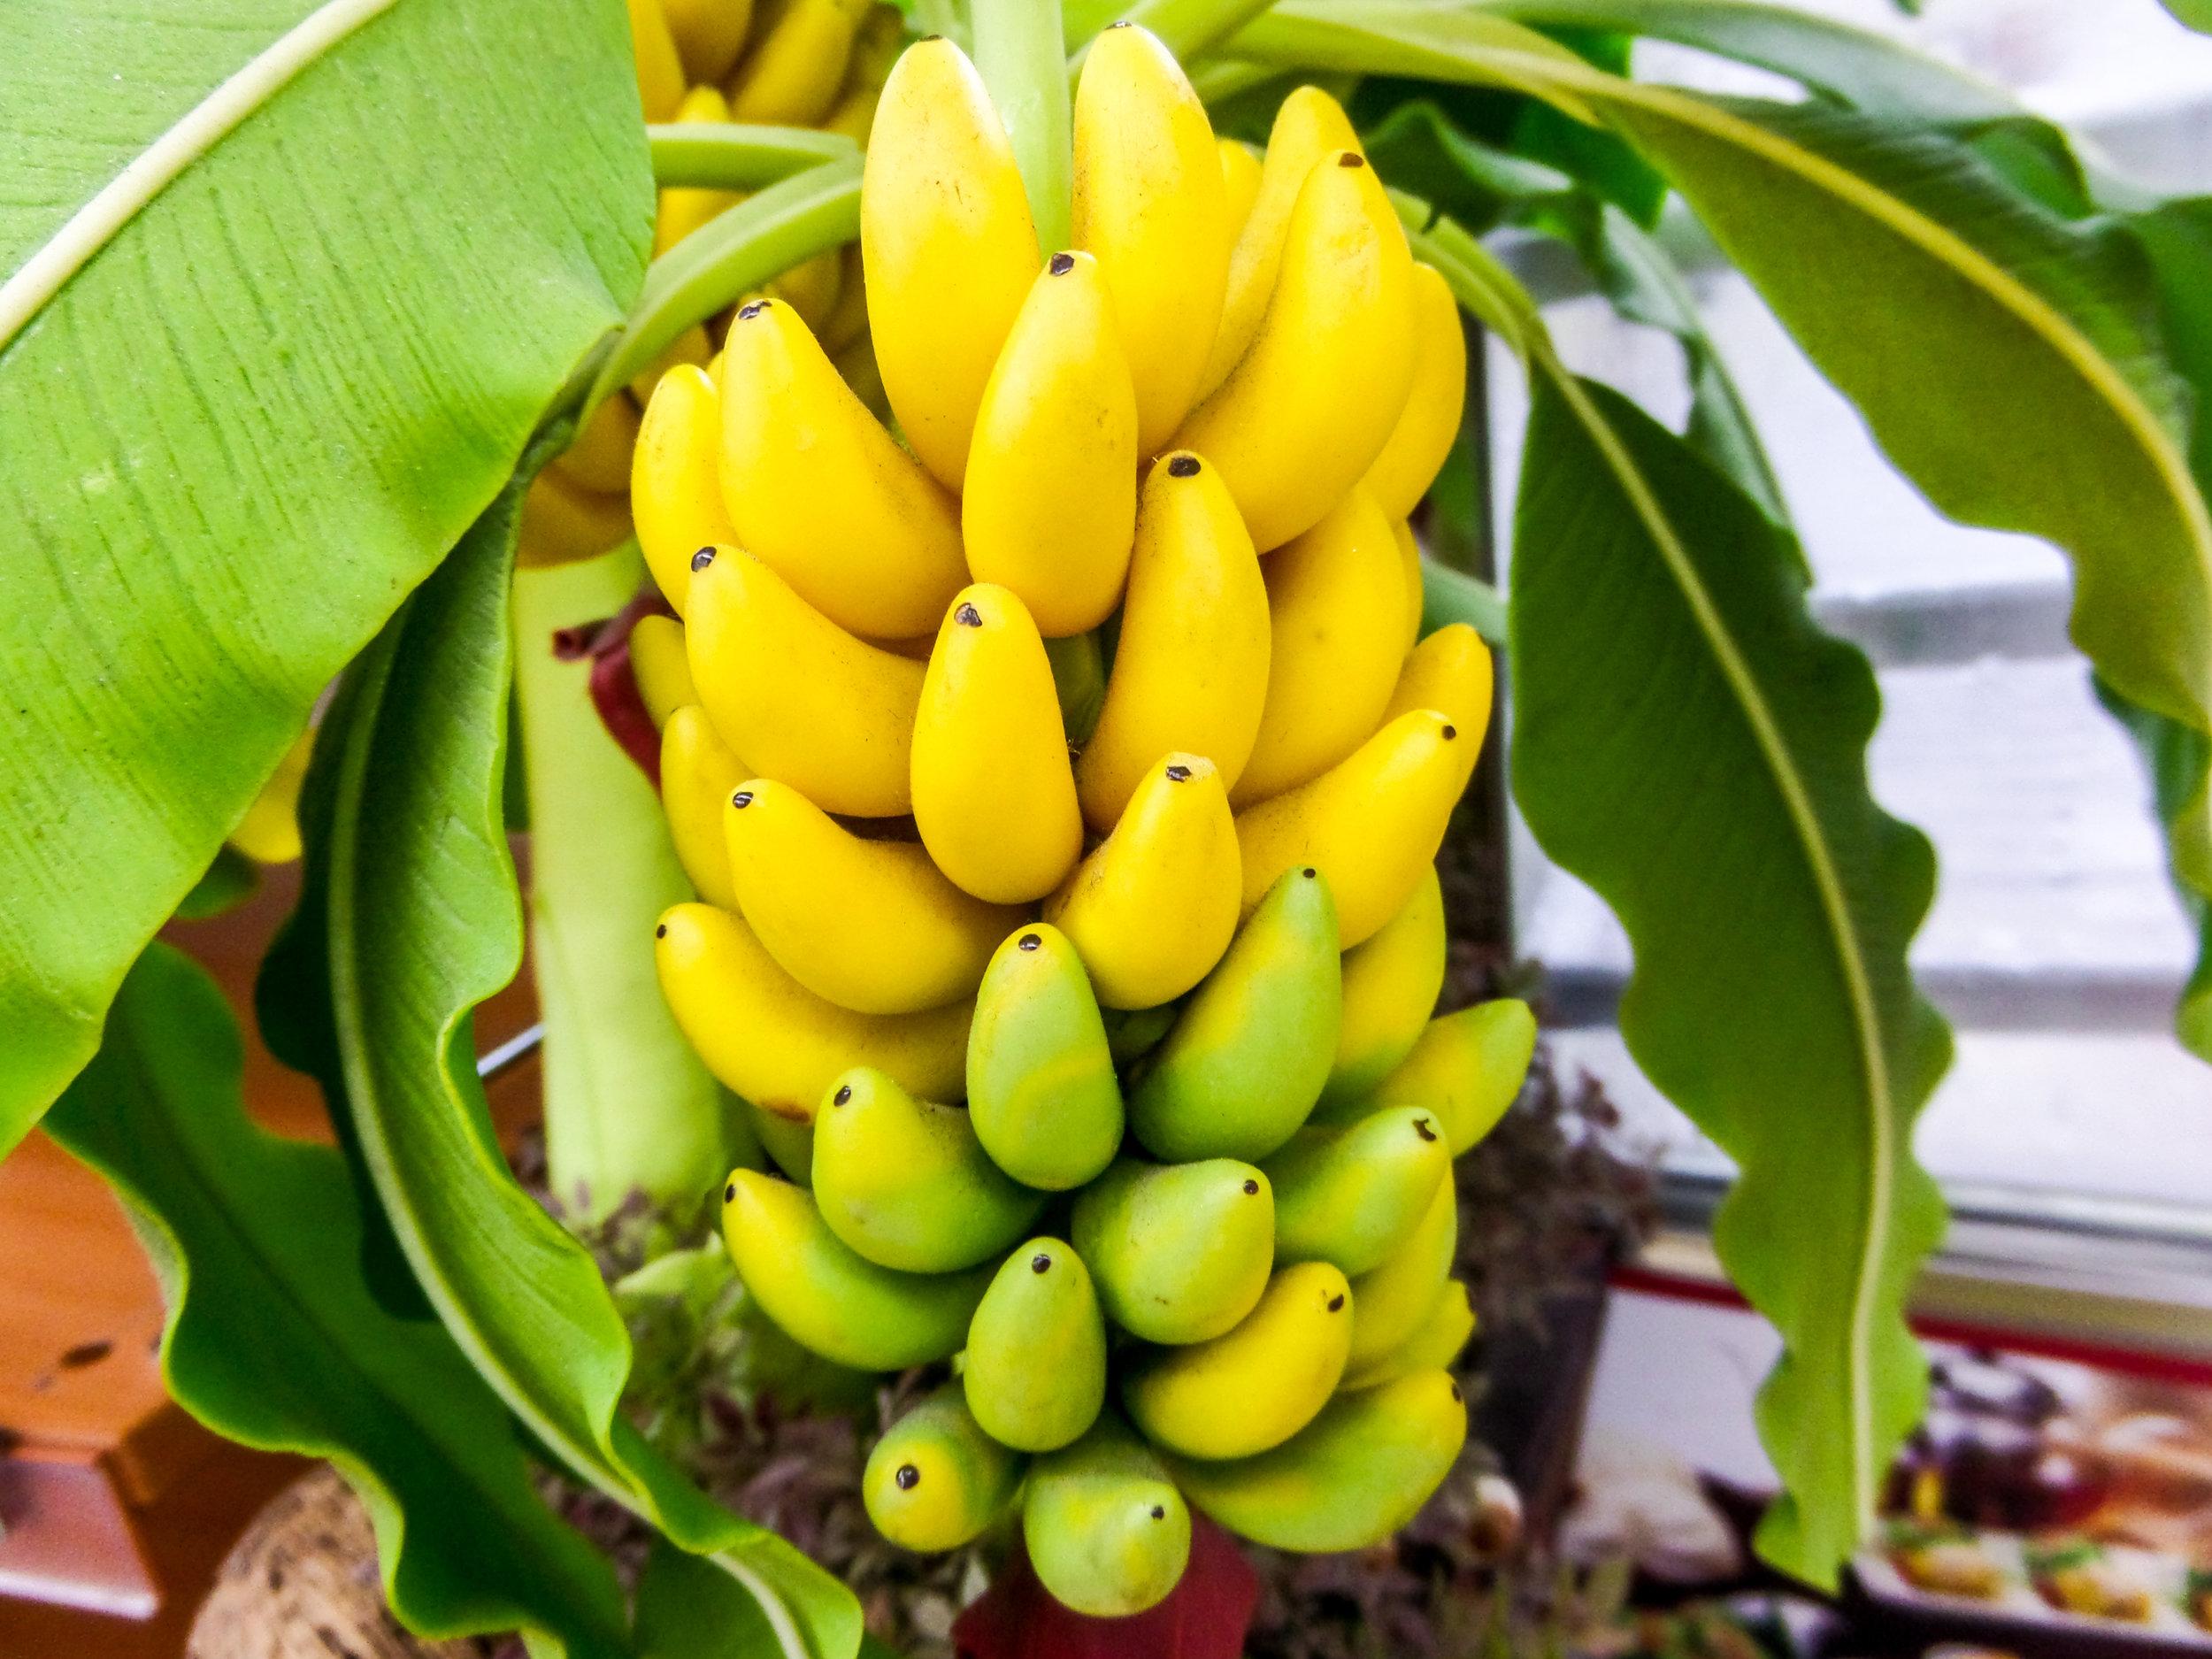 banana-trees-289022372.jpg